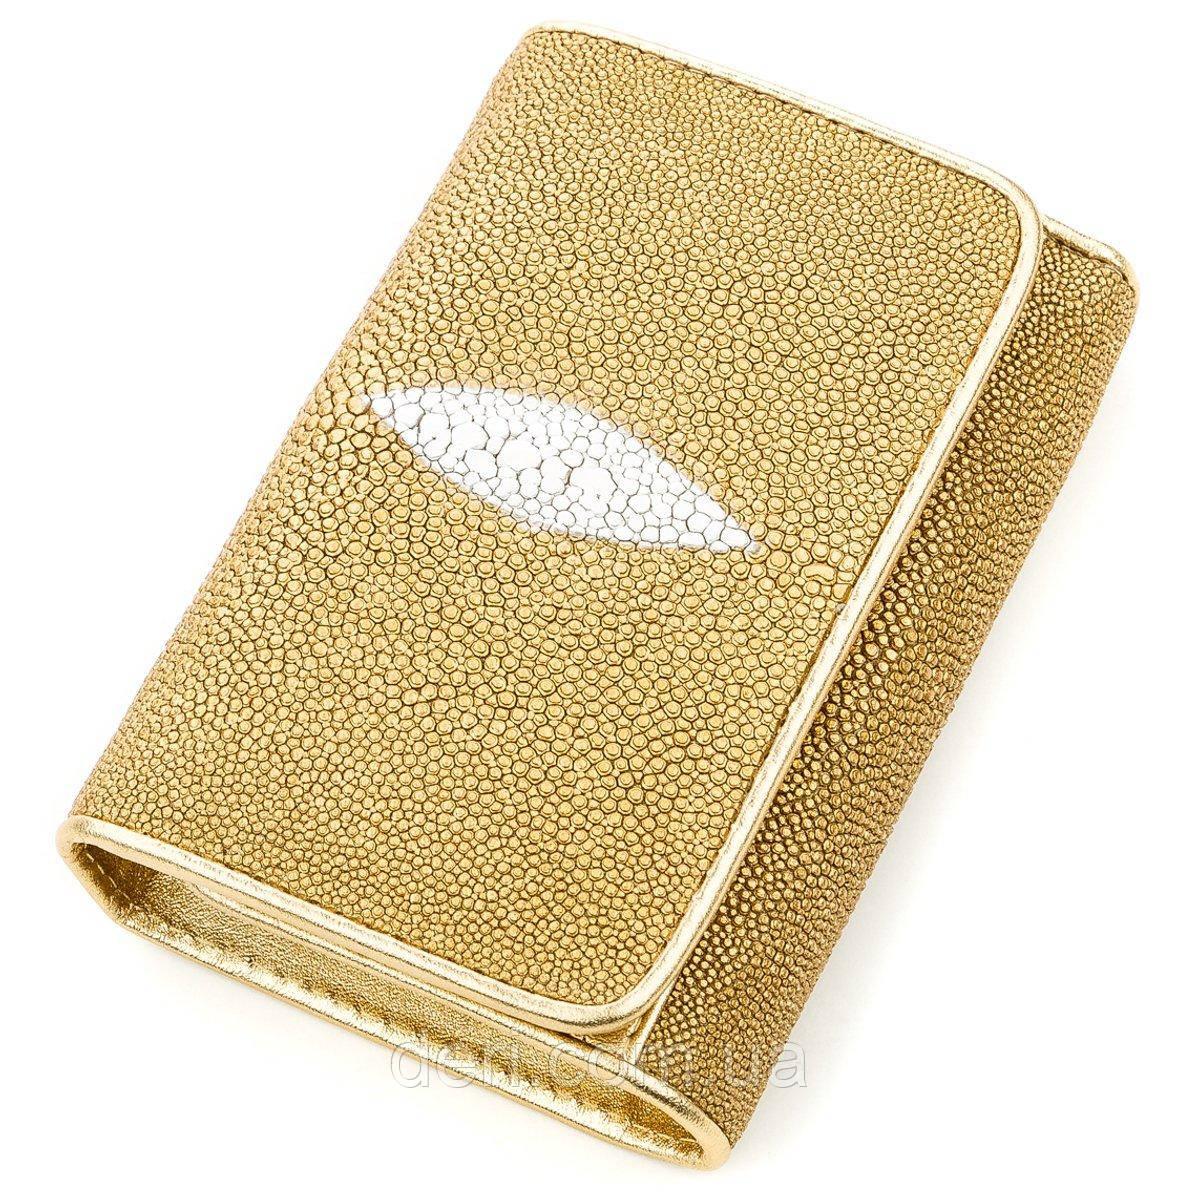 Вертикальний жіночий гаманець STINGRAY LEATHER 18639 з натуральної шкіри морського скату Золотистий, Жовтий